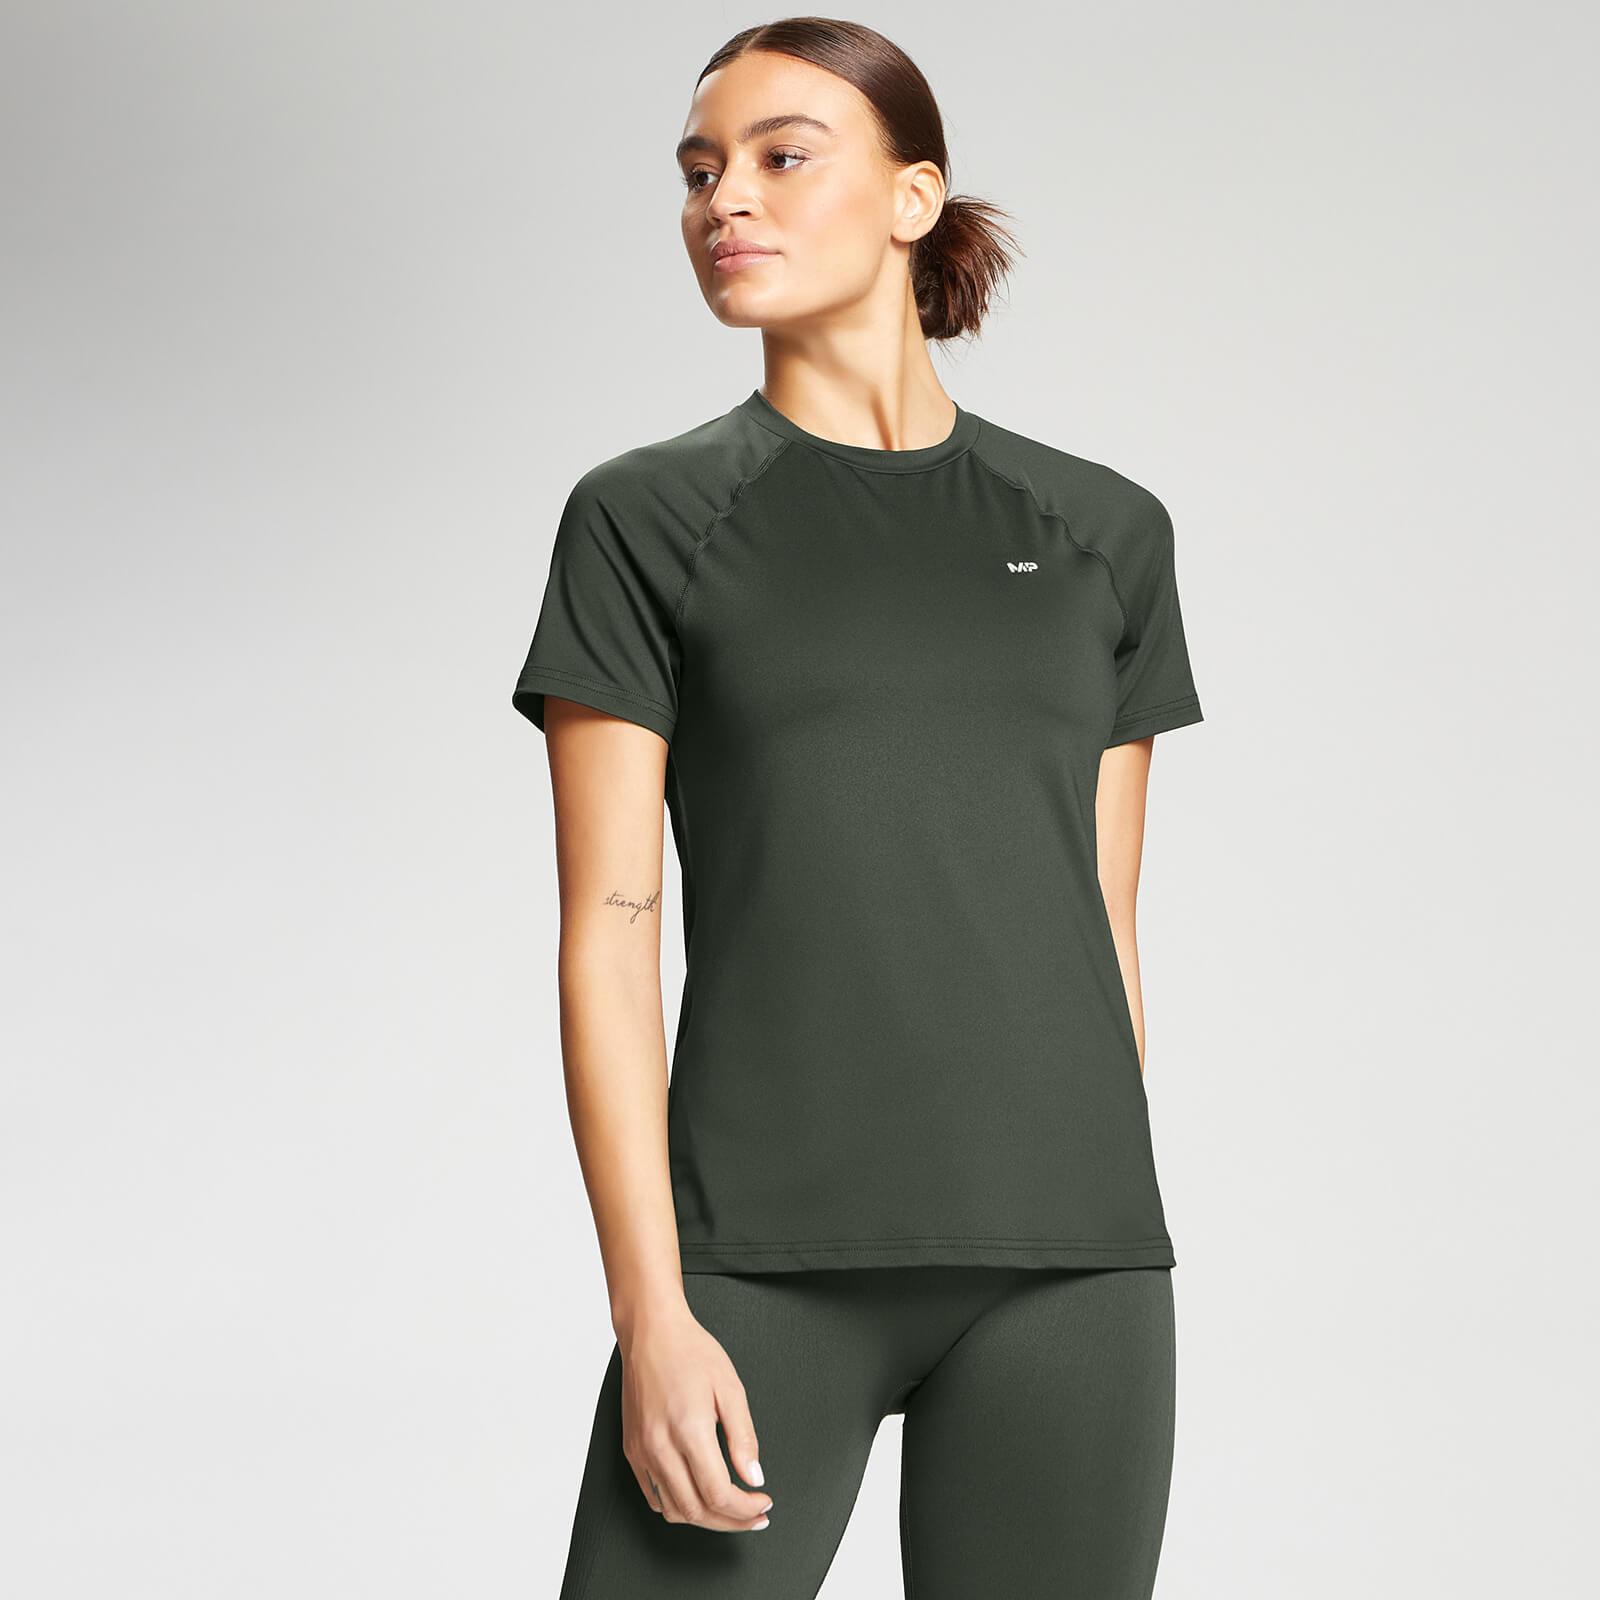 Купить MP Women's Essentials Training Slim Fit T-Shirt - Vine Leaf - XXS, Myprotein International